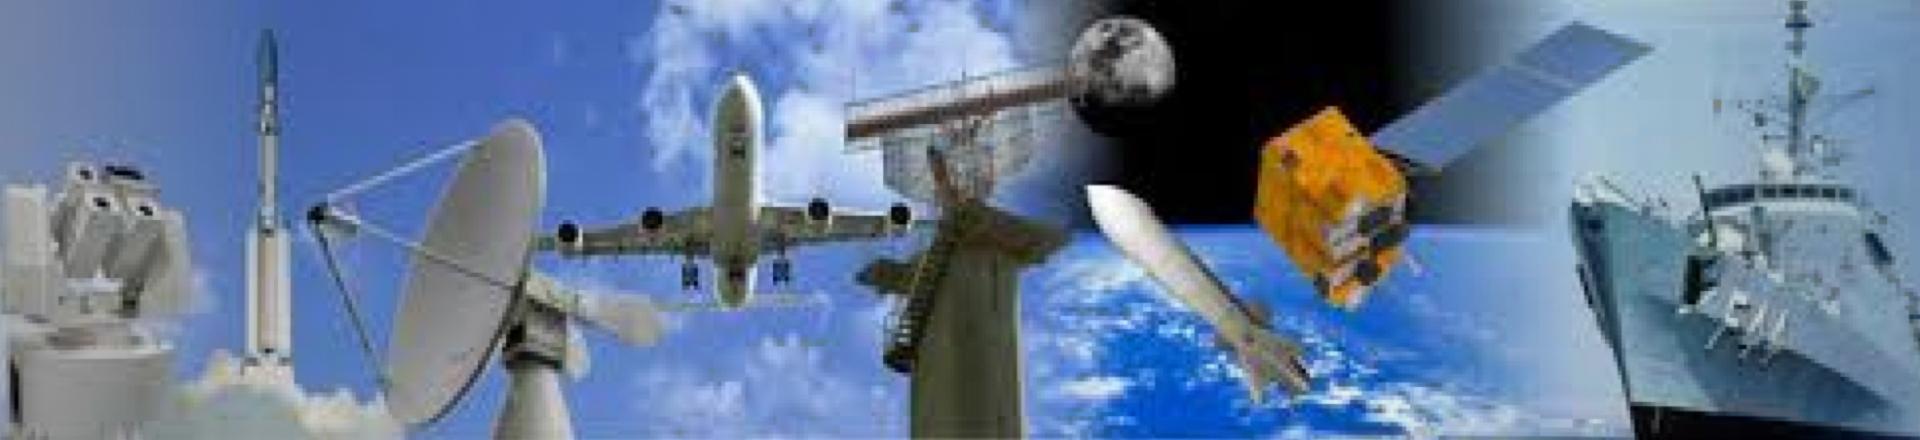 Avicom Engenharia - Aeroespacial